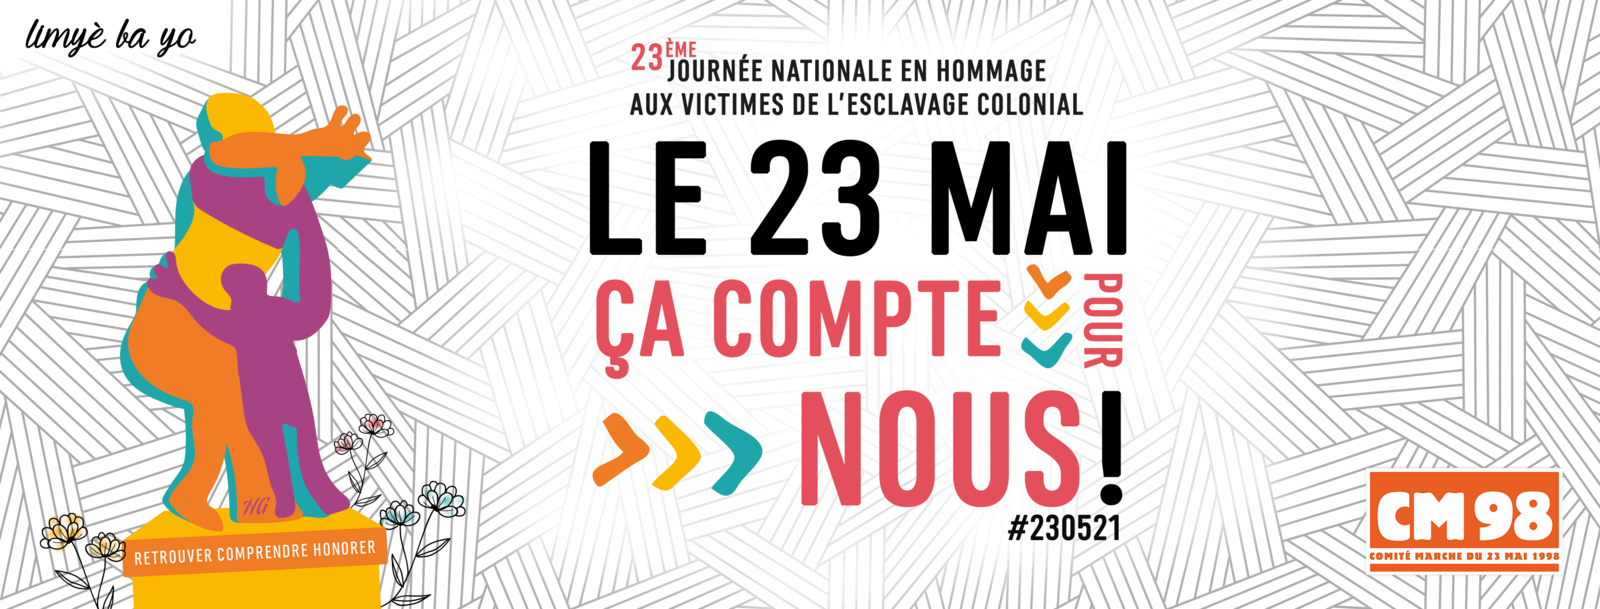 Journée nationale en hommage aux victimes de l'esclavage colonial : Découvrez le programme du CM98 !